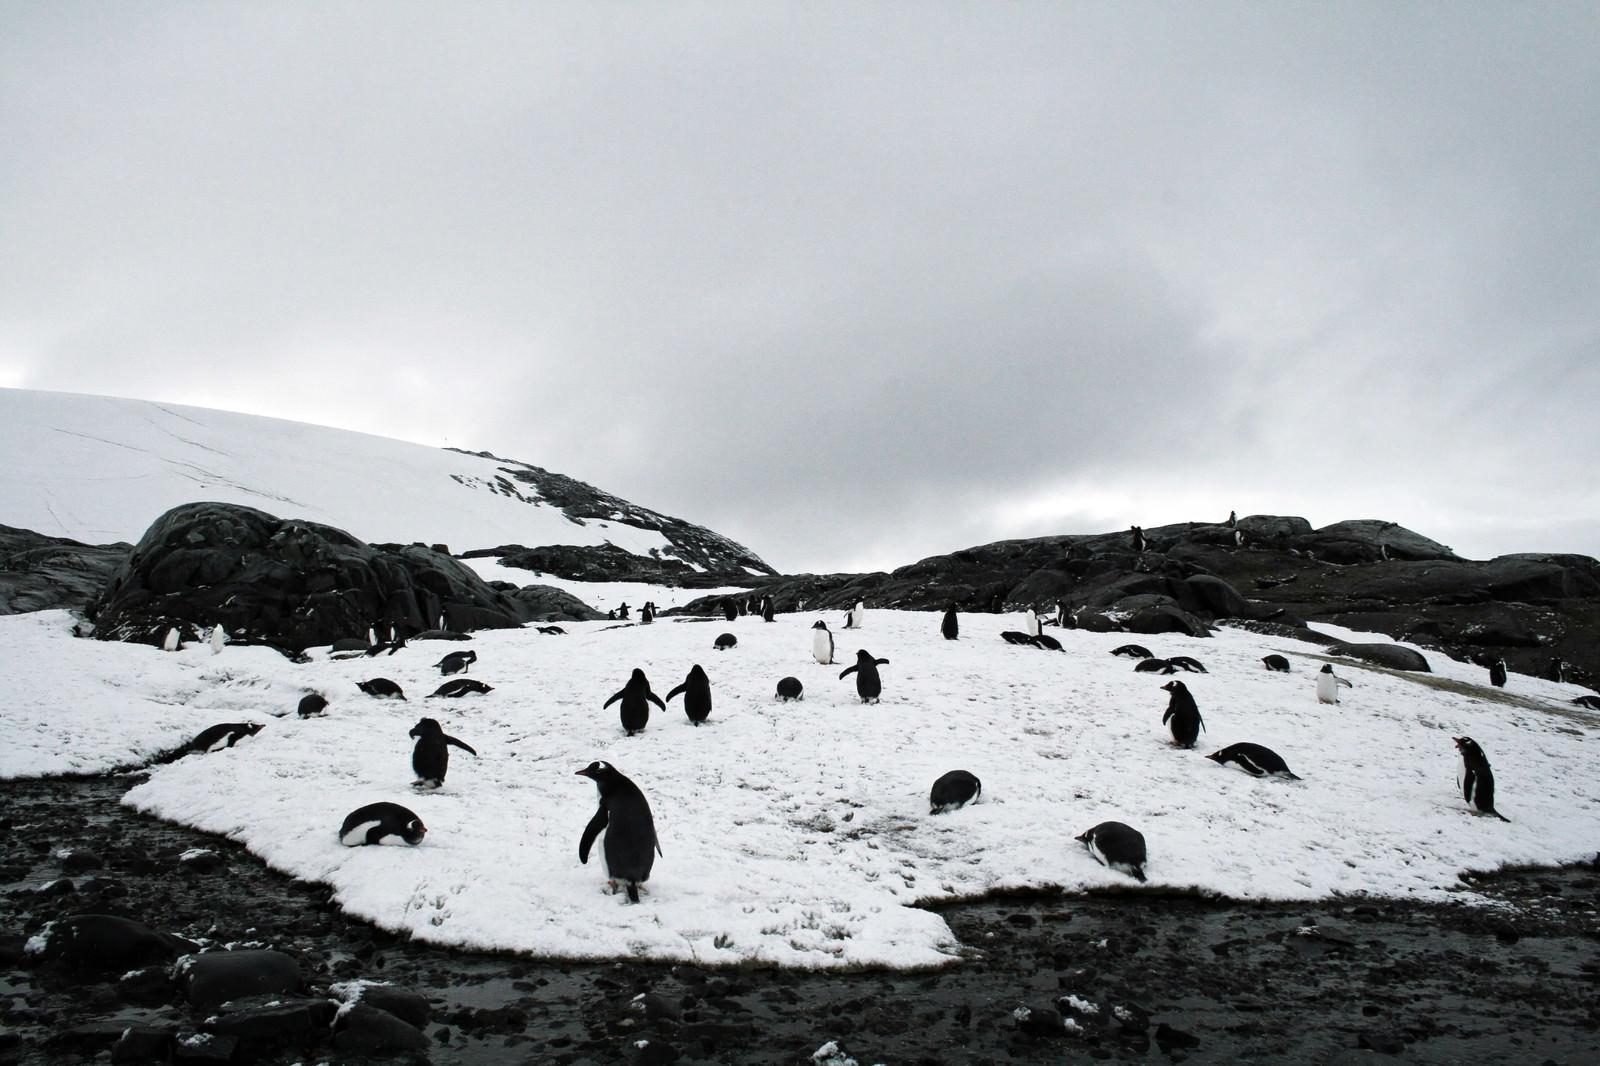 「凍った坂道をよちよち歩くペンギンの群れ」の写真